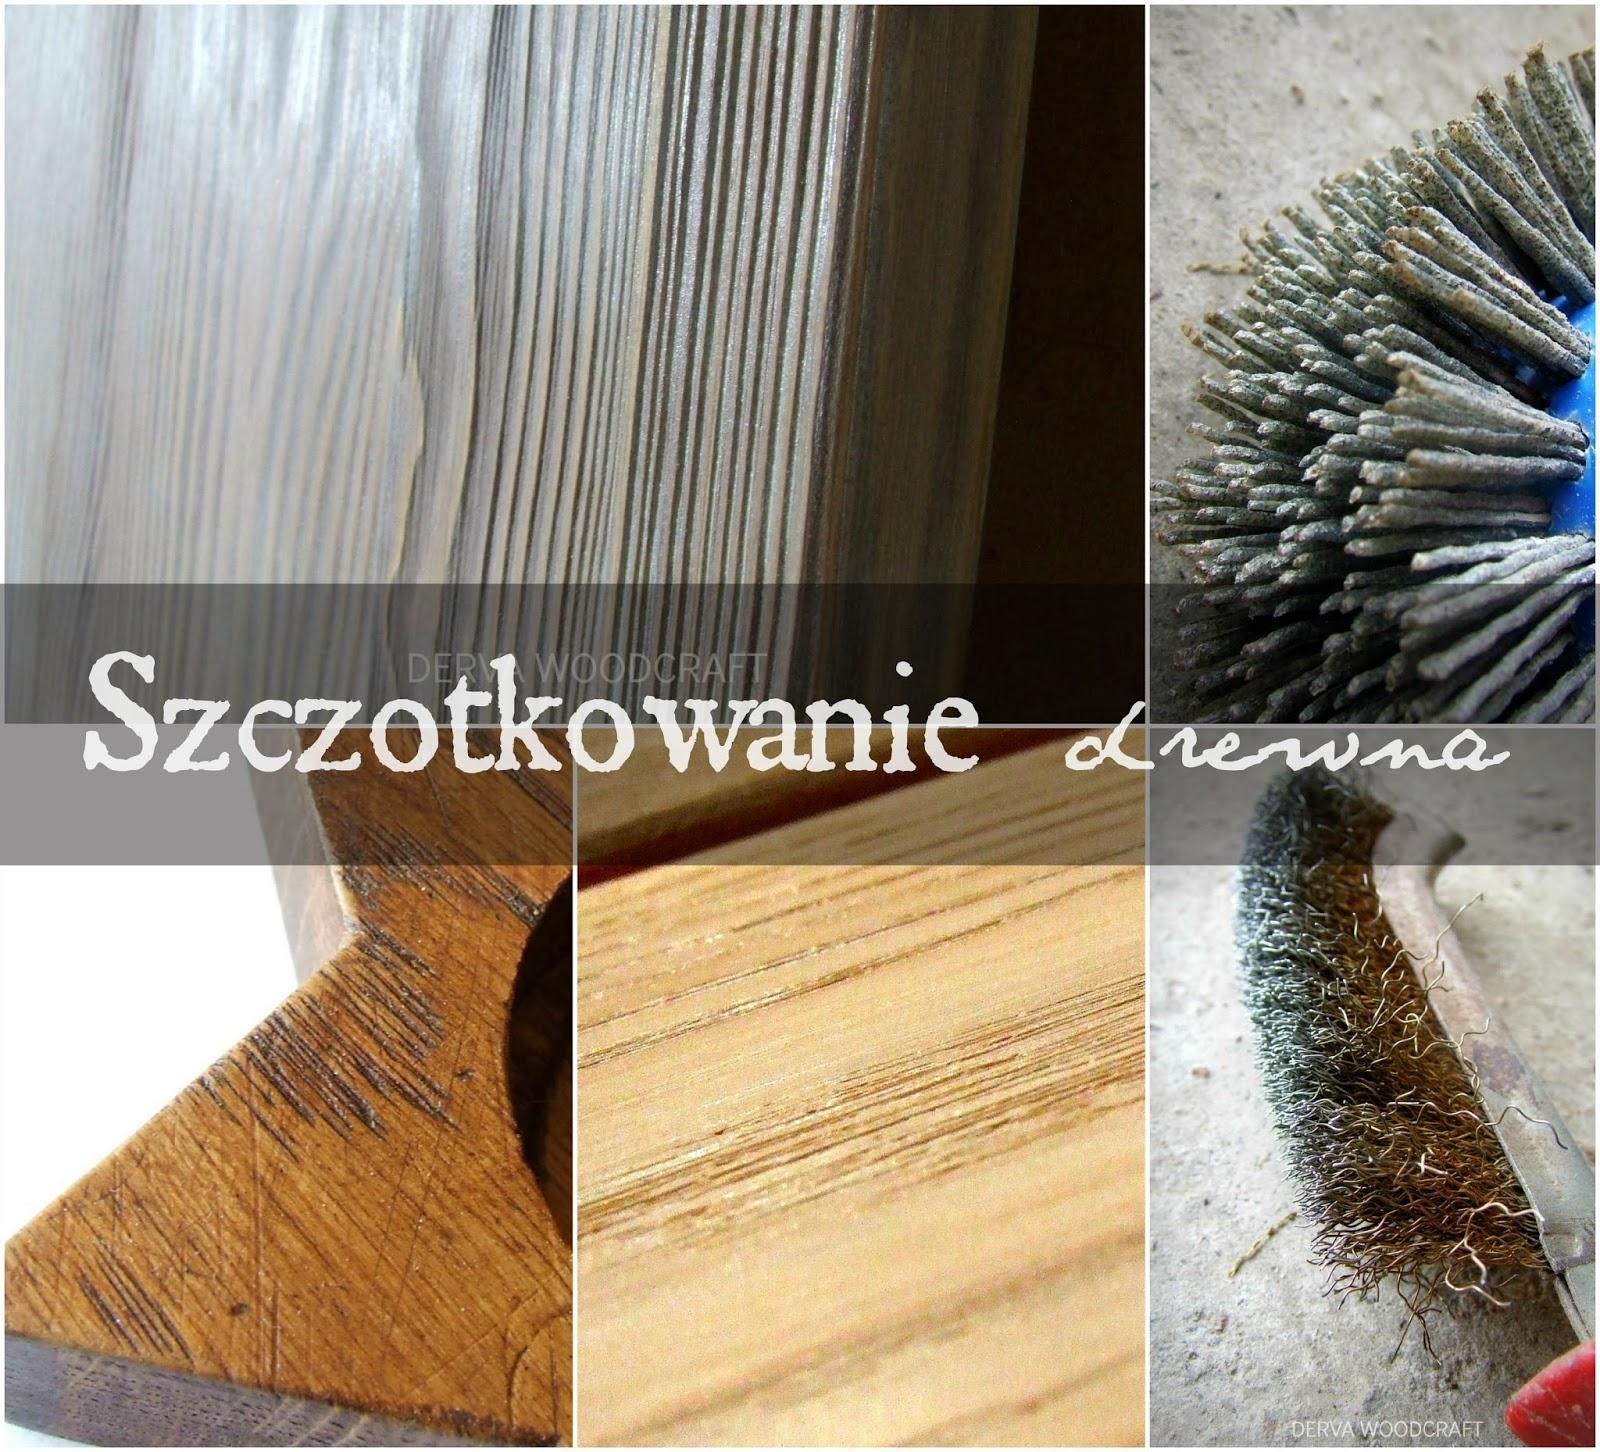 http://www.derva.pl/2014/02/rzecz-o-postarzaniu-szczotkowanie-drewna.html